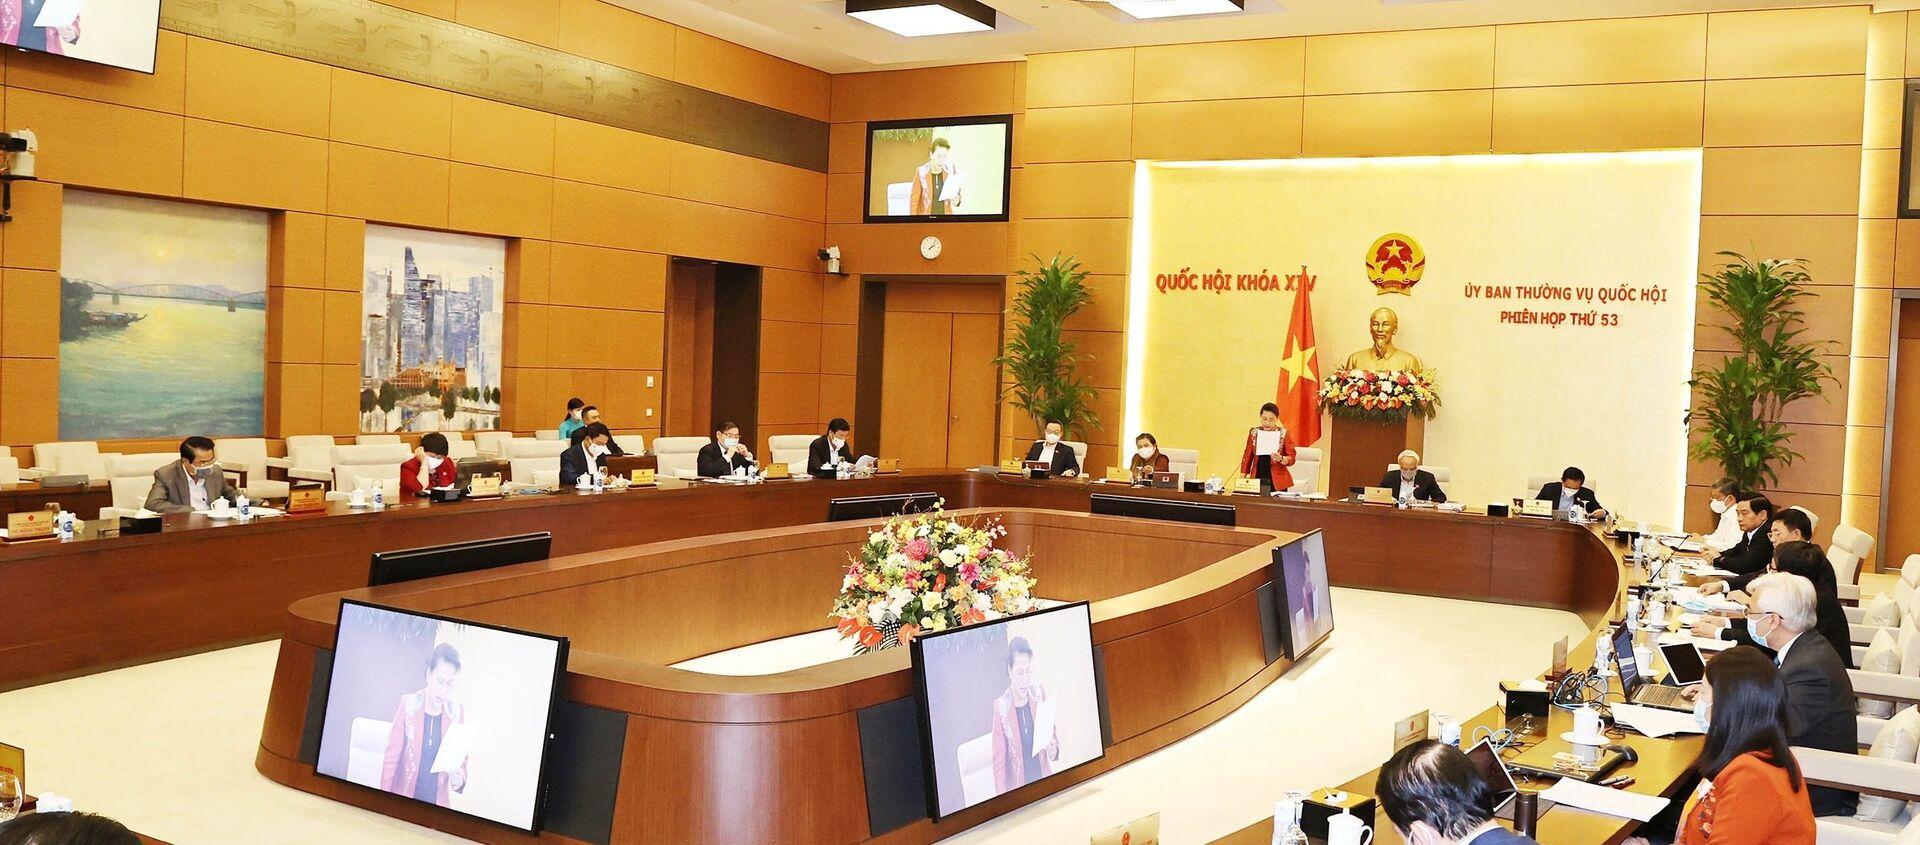 Chủ tịch Quốc hội Nguyễn Thị Kim Ngân chủ trì và phát biểu khai mạc - Sputnik Việt Nam, 1920, 23.02.2021